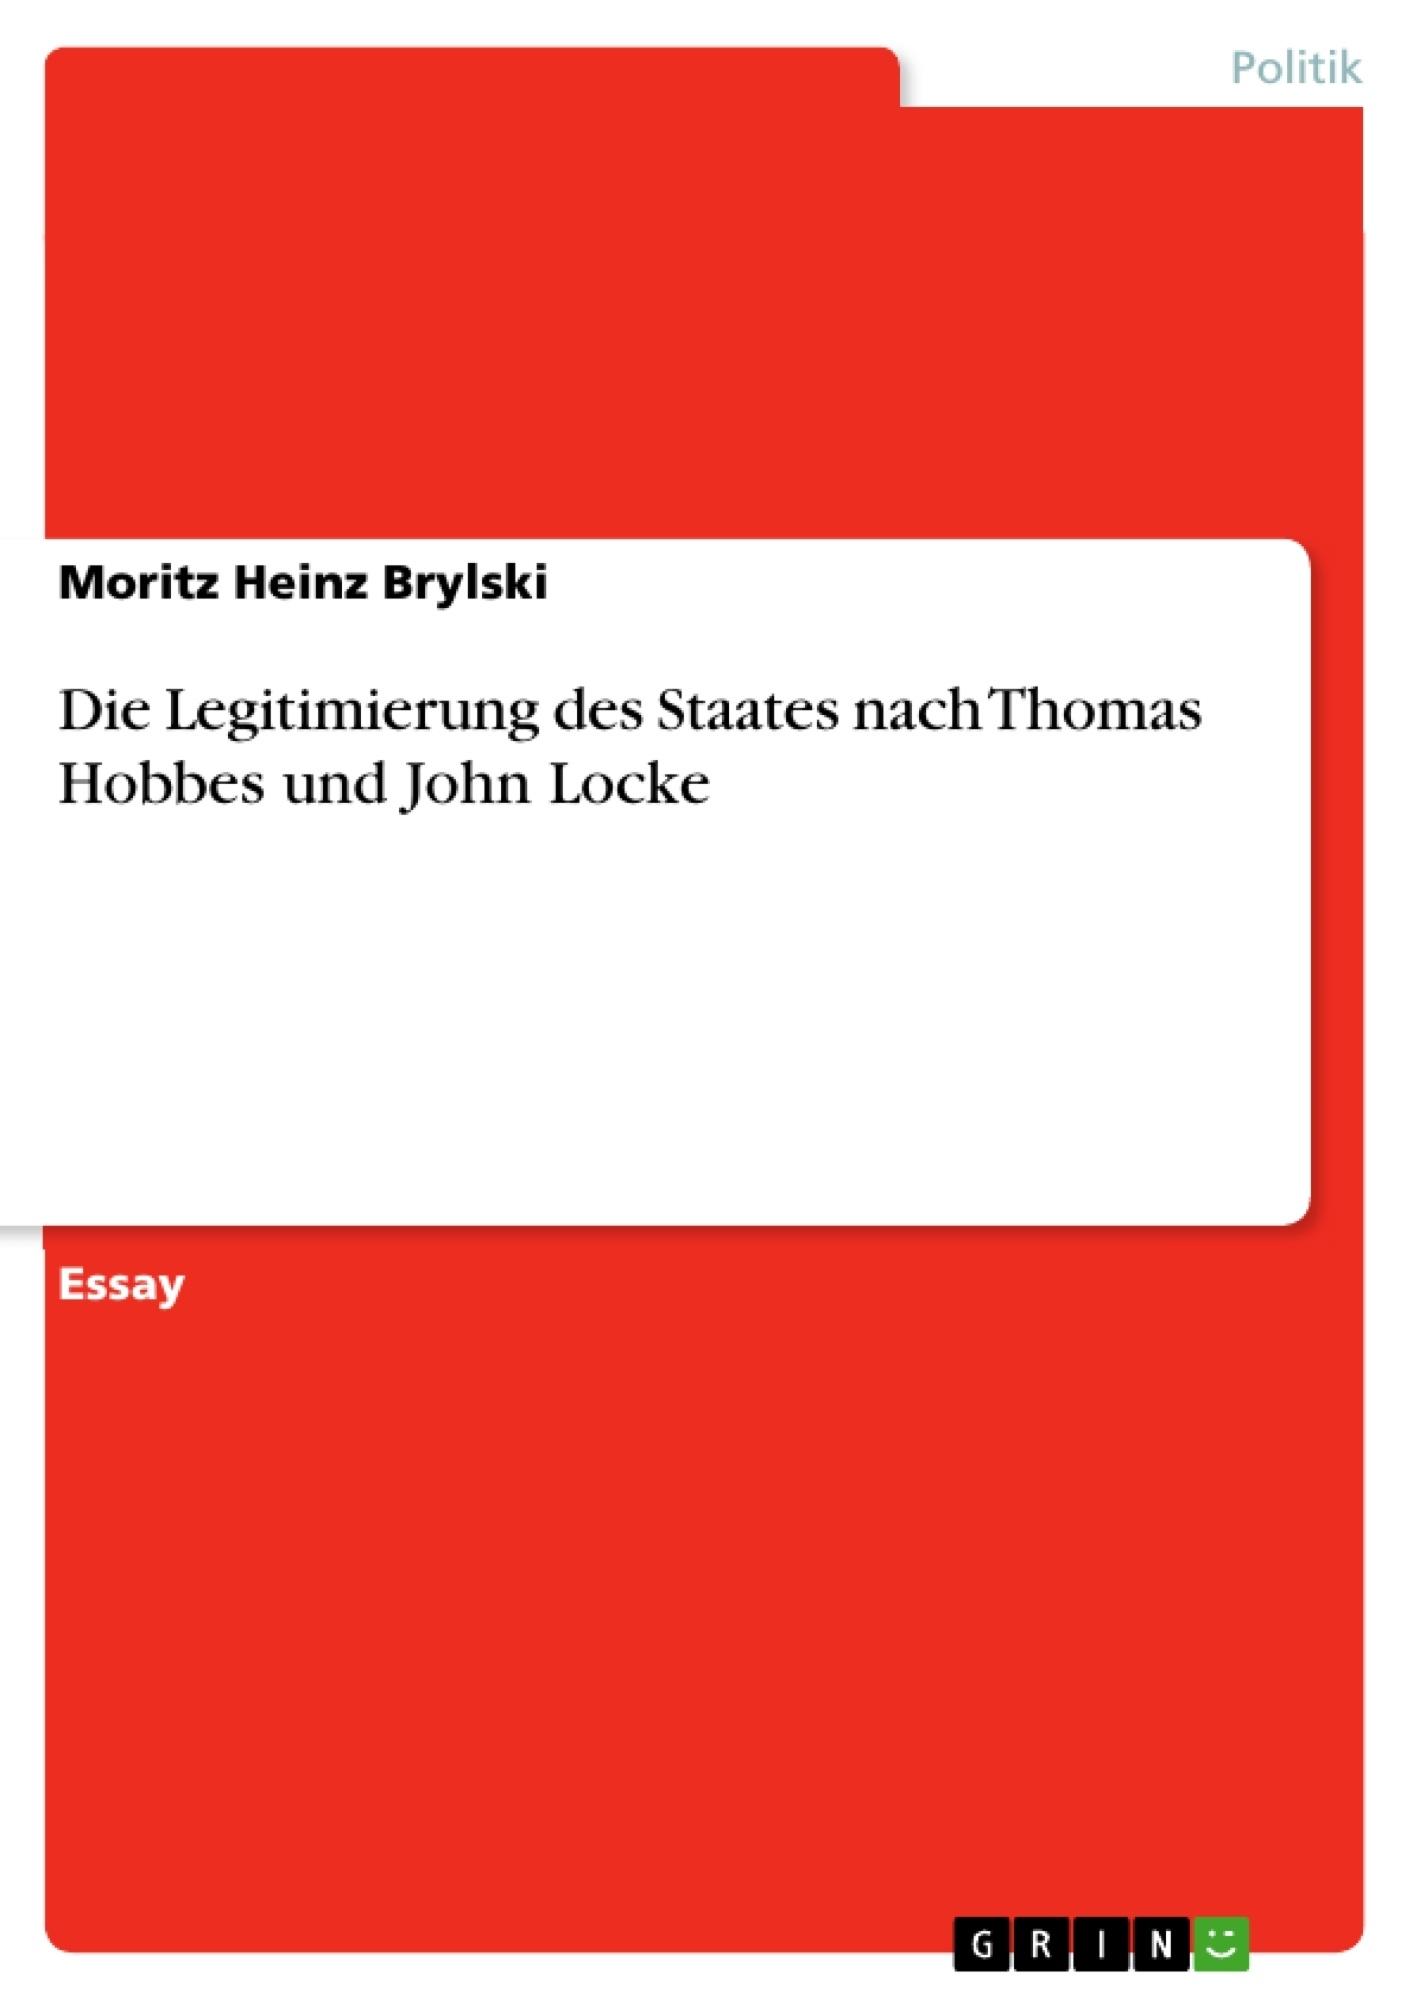 Titel: Die Legitimierung des Staates nach Thomas Hobbes und John Locke